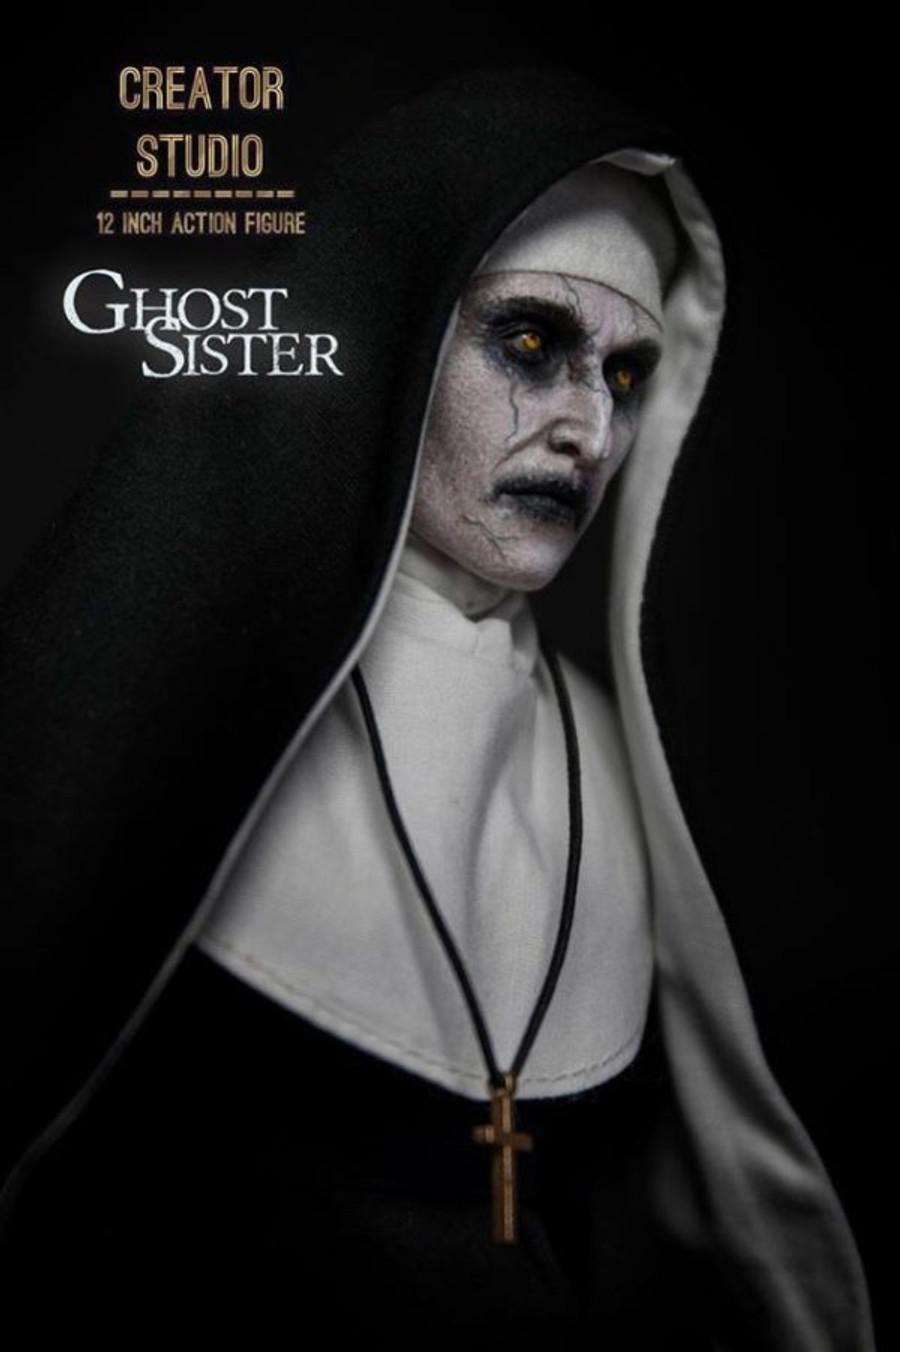 Creator Studio - Ghost Sister